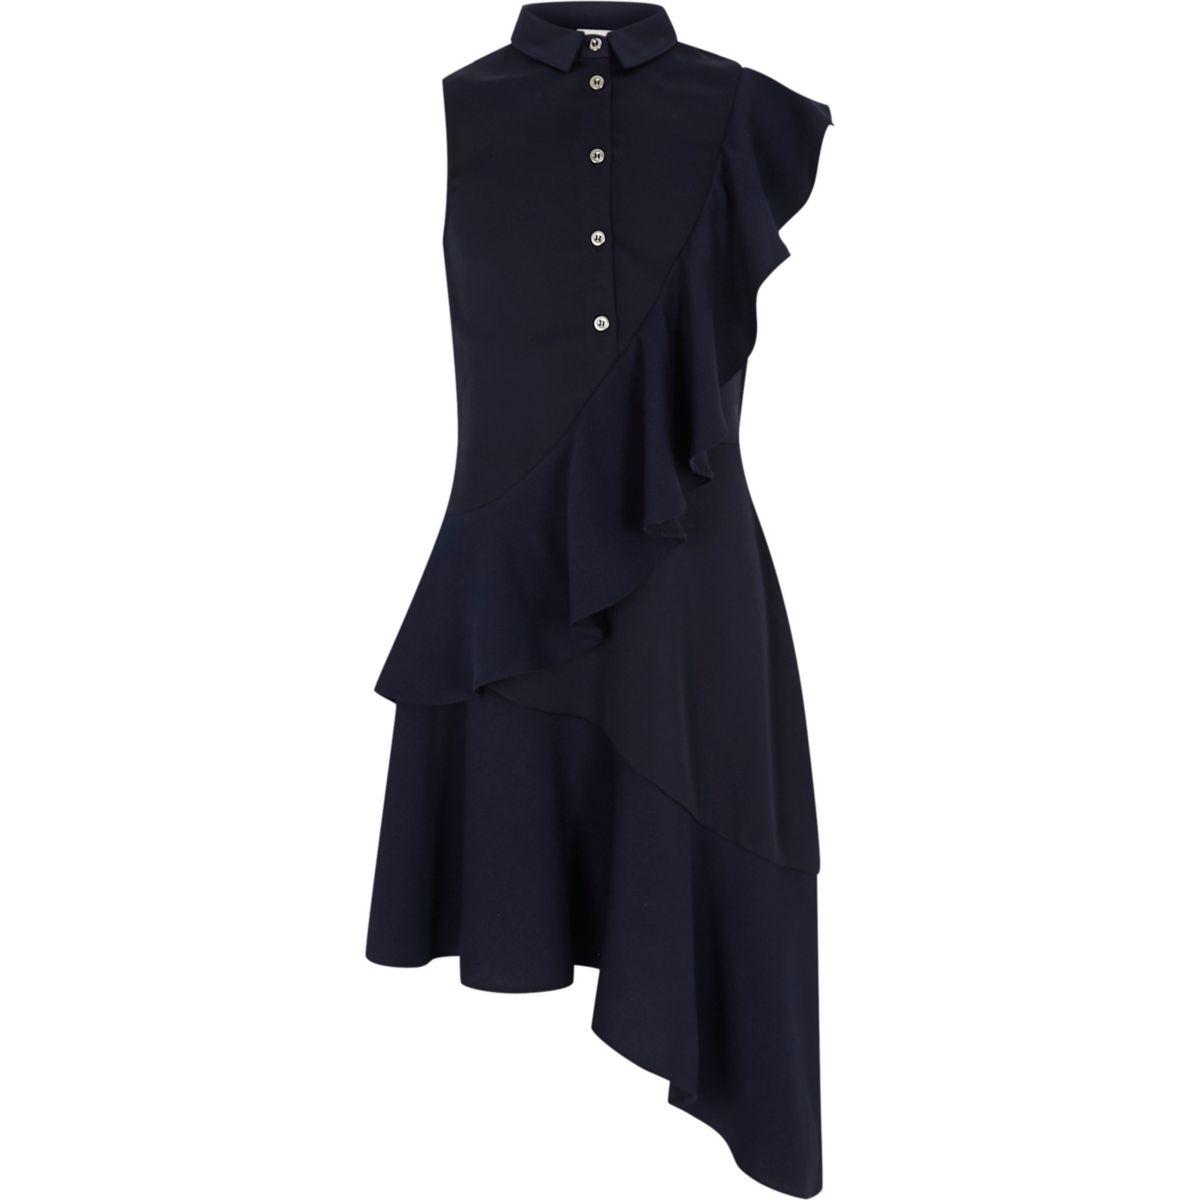 Marineblaues, asymmetrisches Blusenkleid